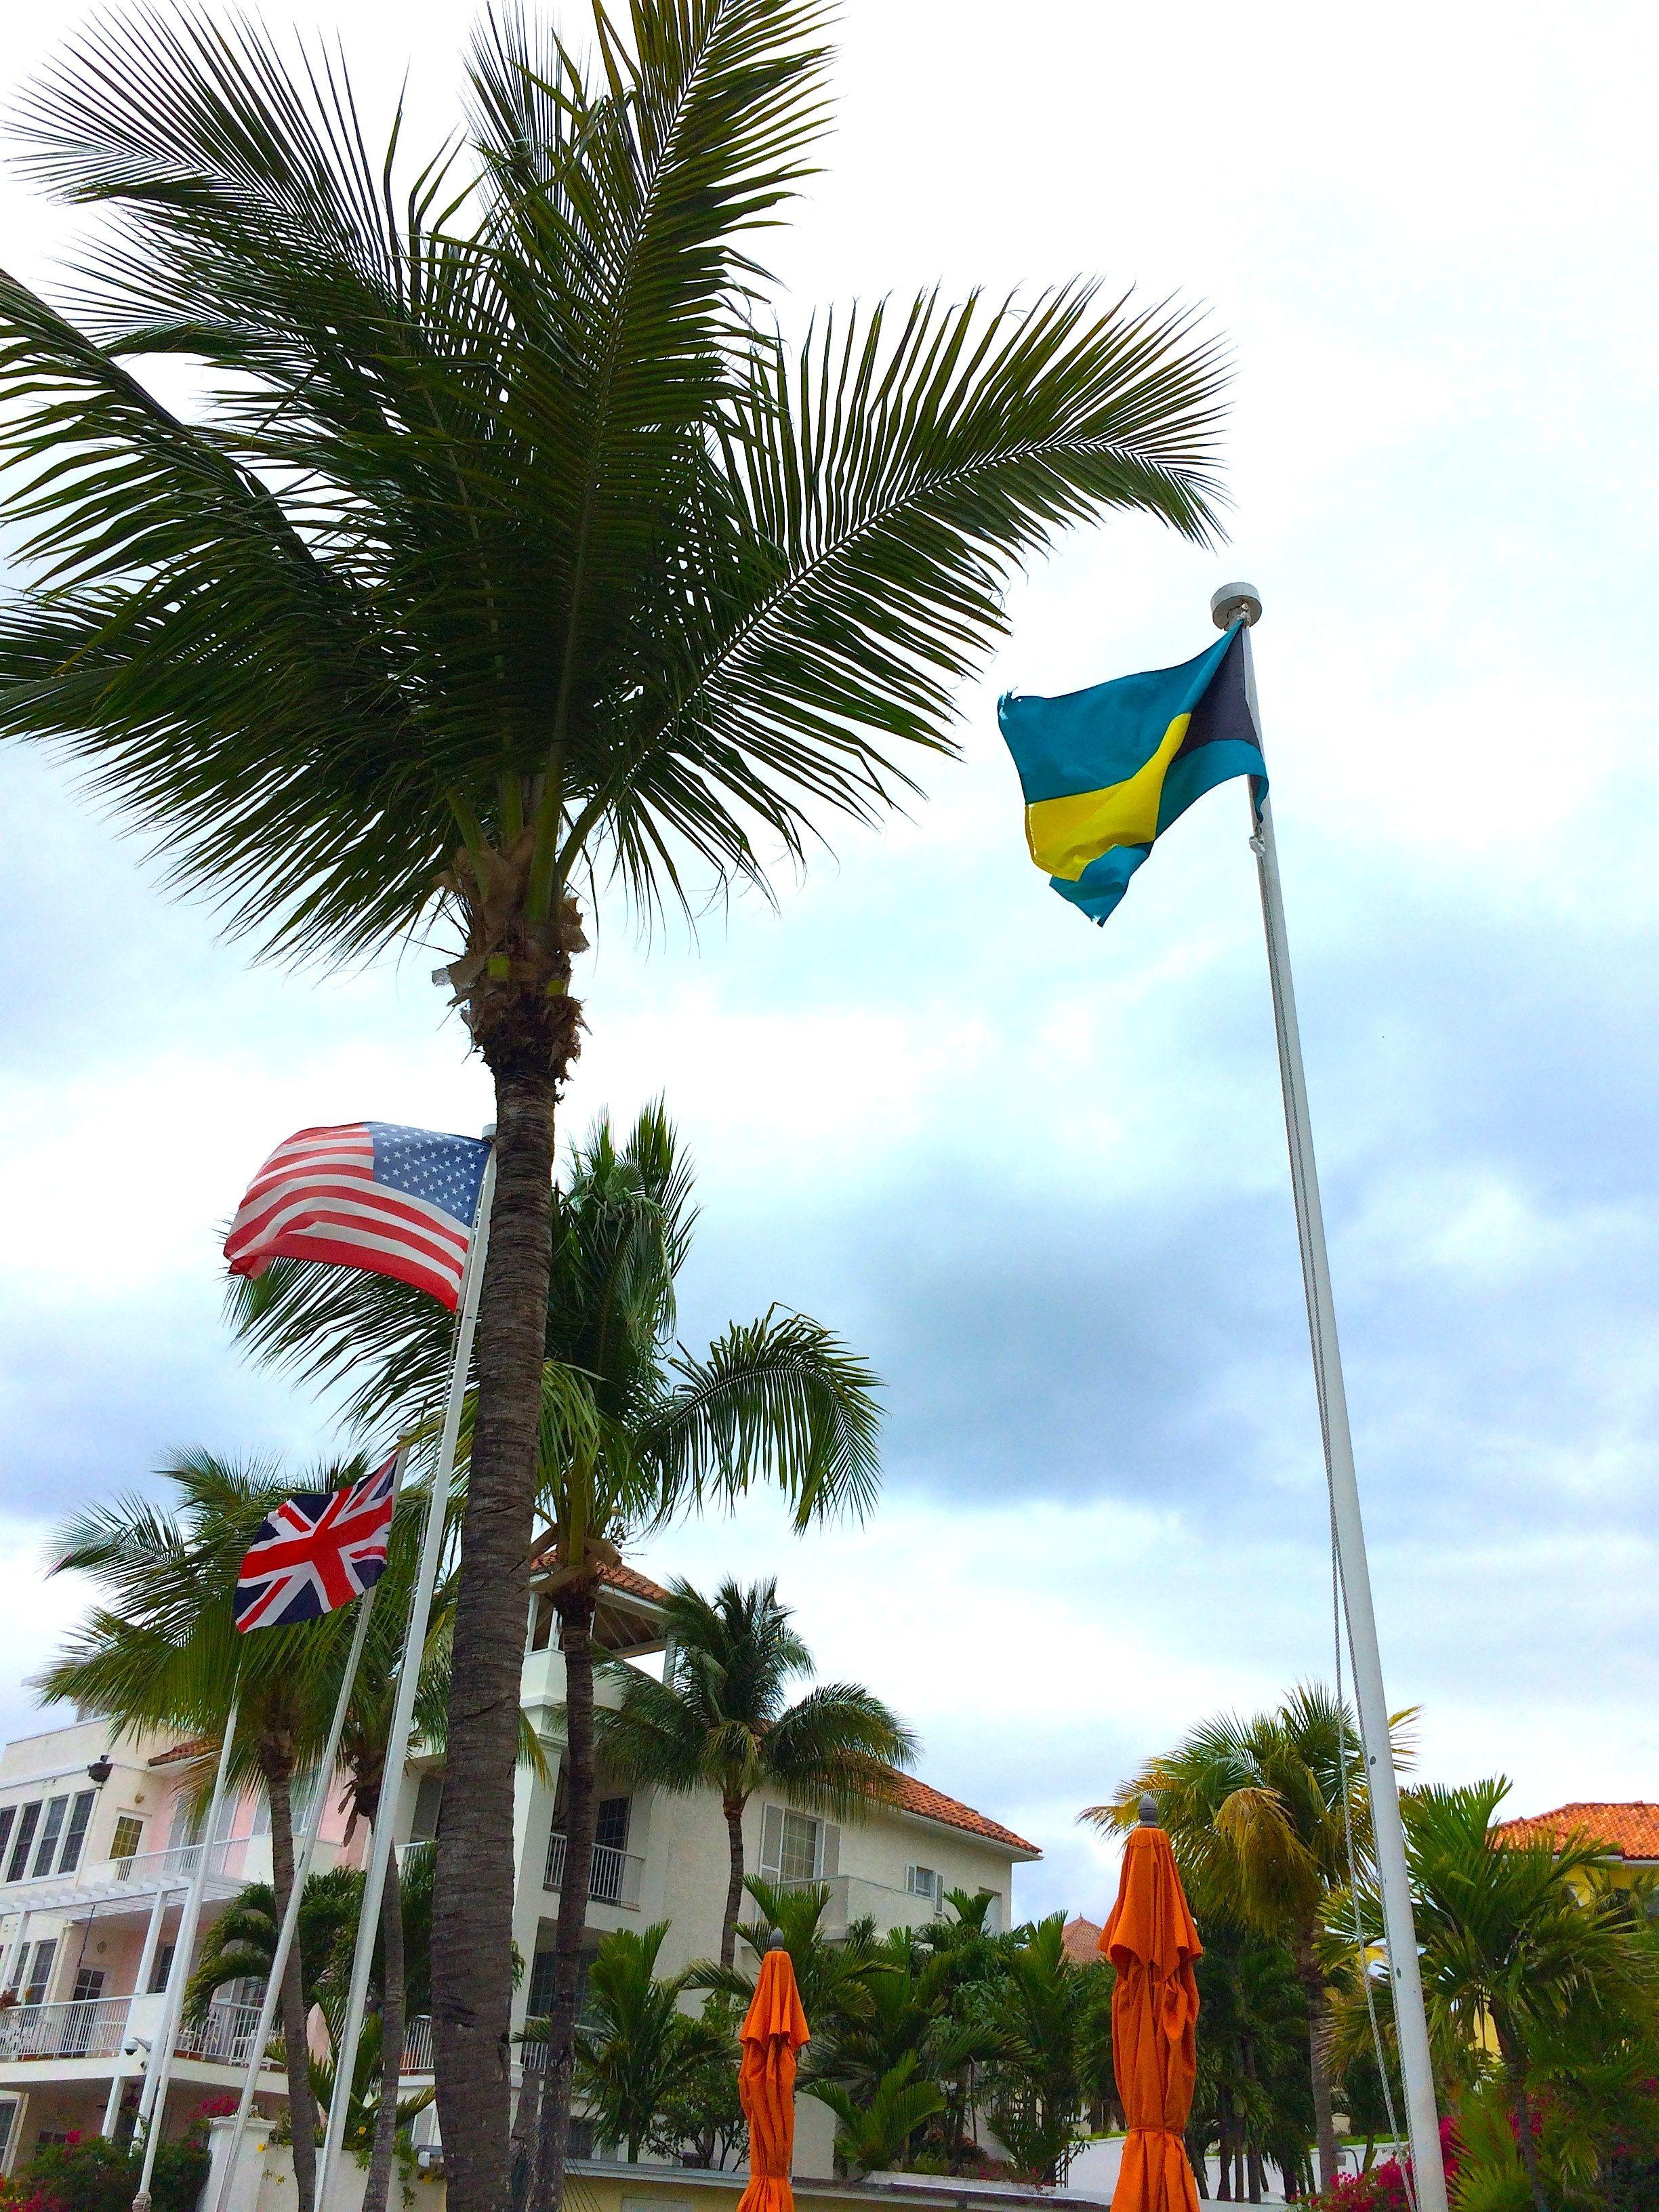 bahamas and united states relationship